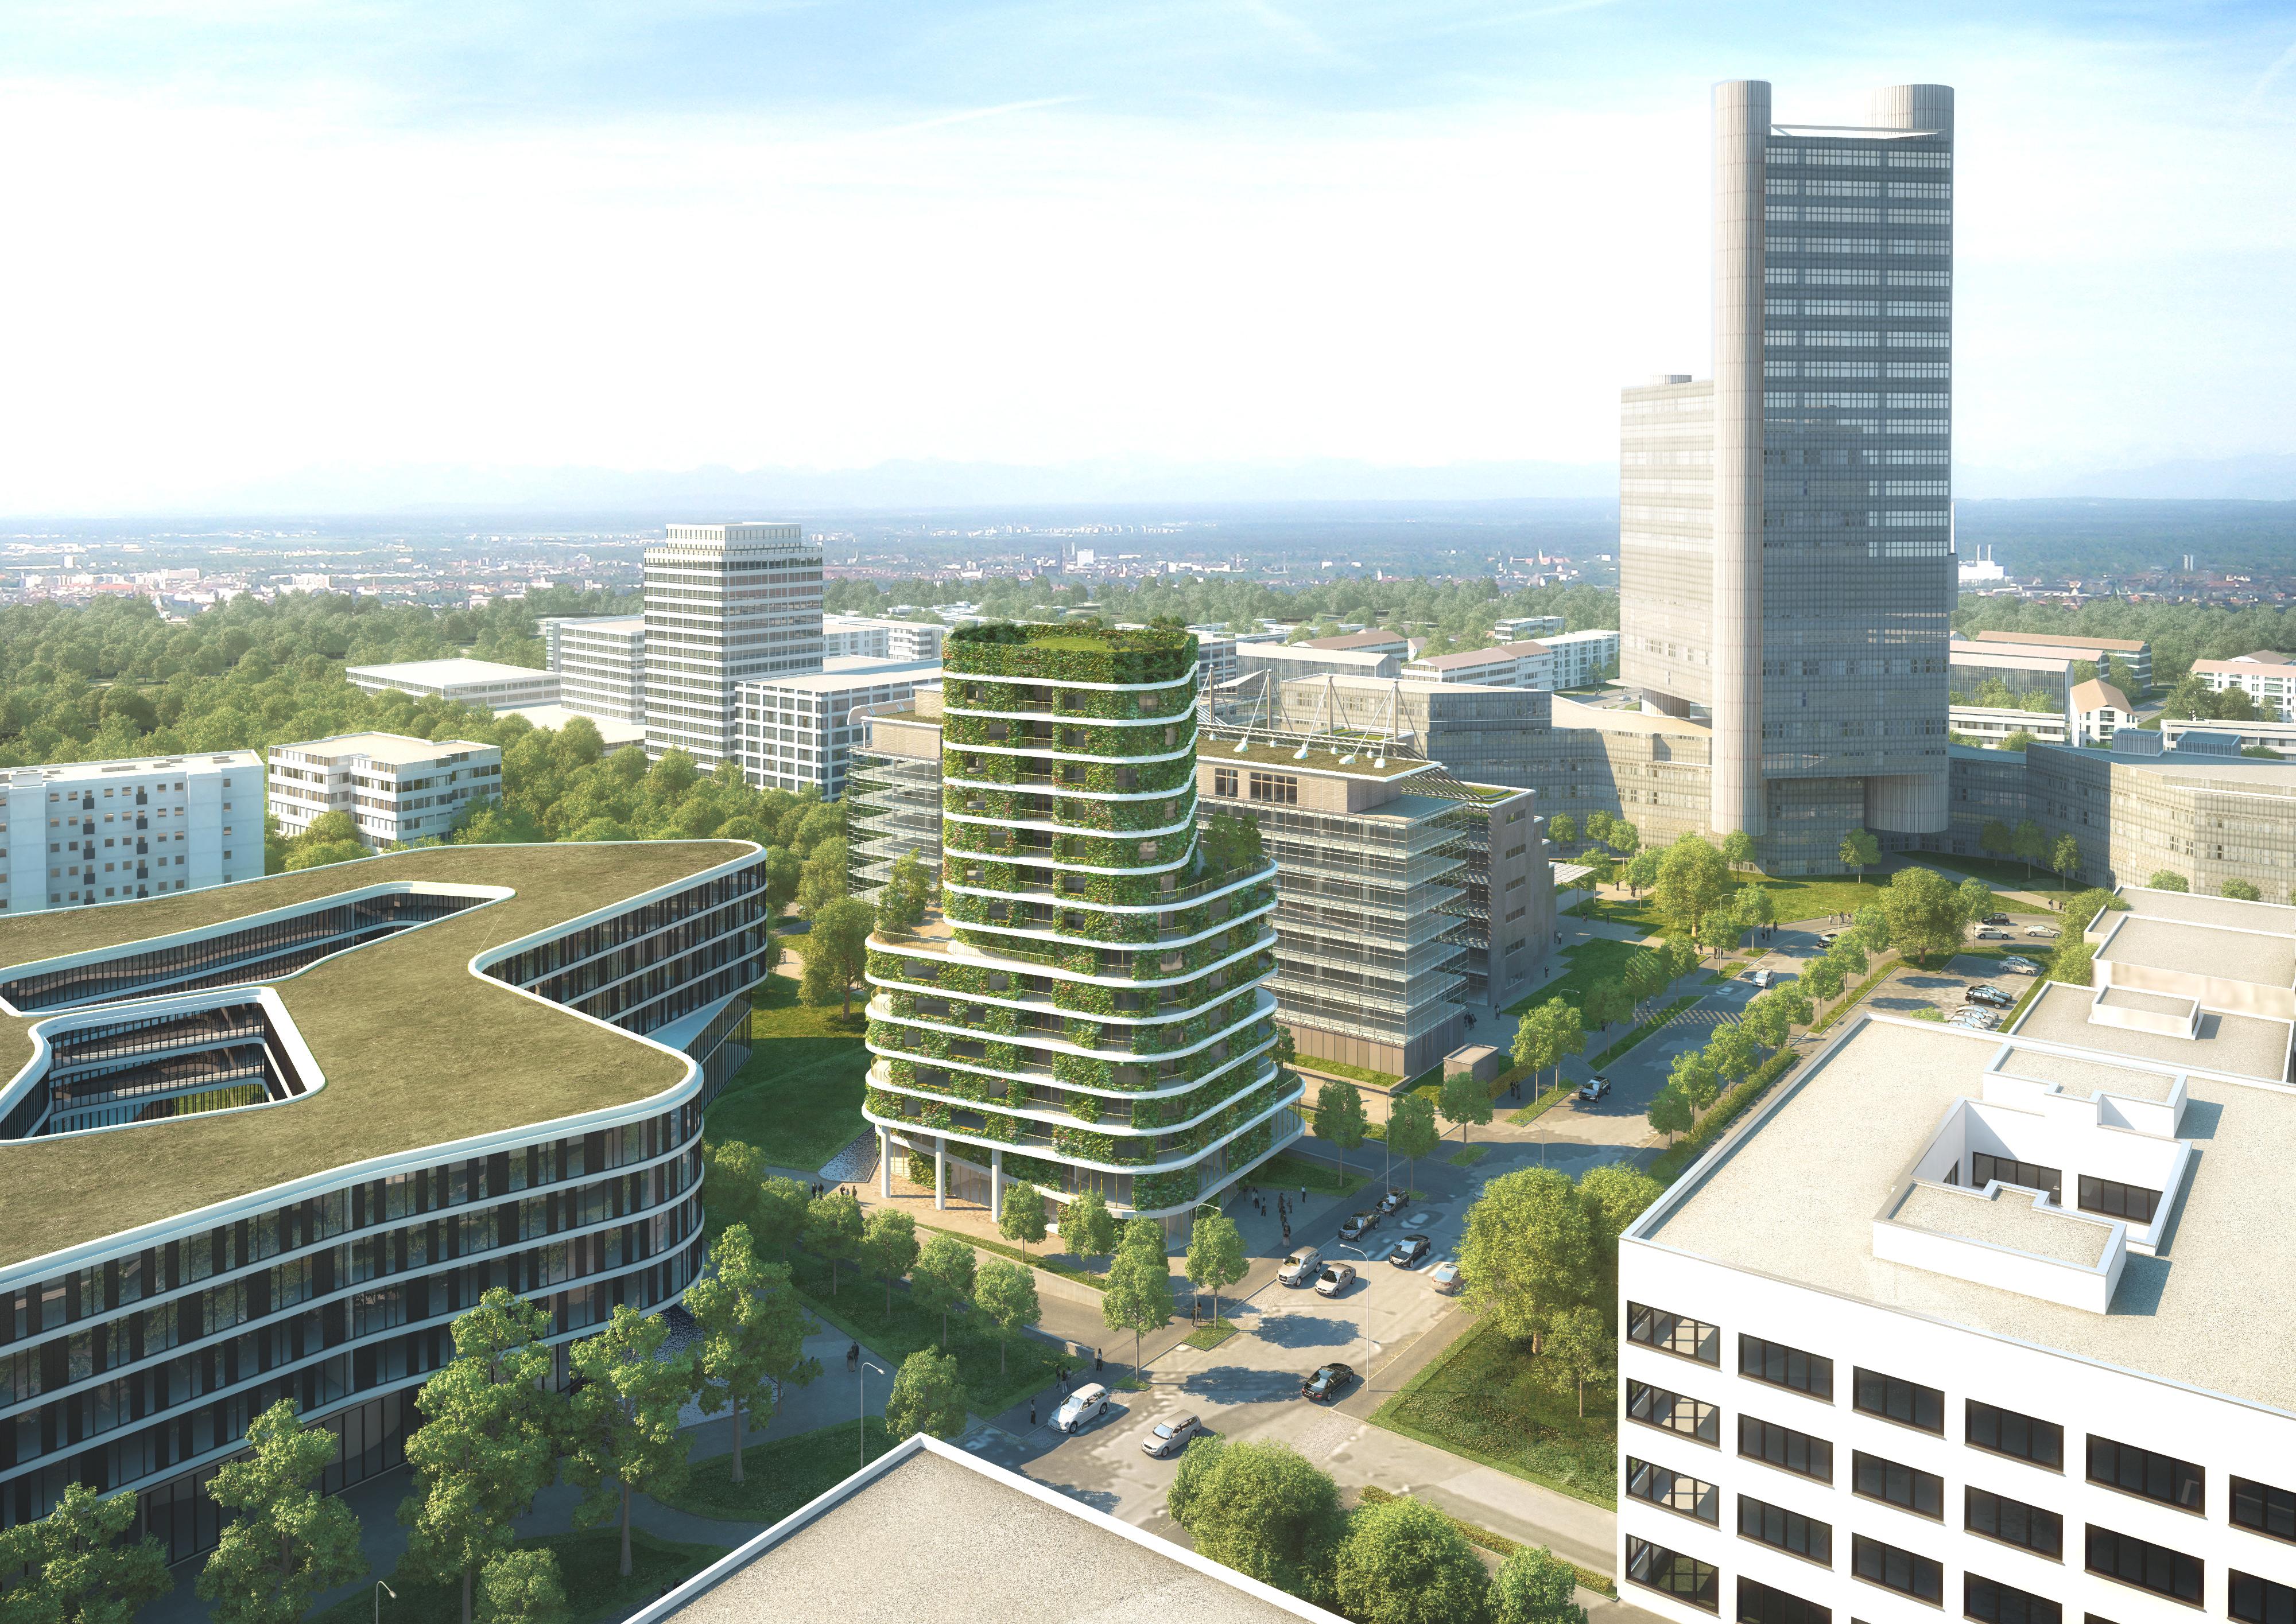 Wohnhochhaus arabellastr 26 vertikaler garten 52m in planung seite 2 deutsches - Deutsche architektur ...